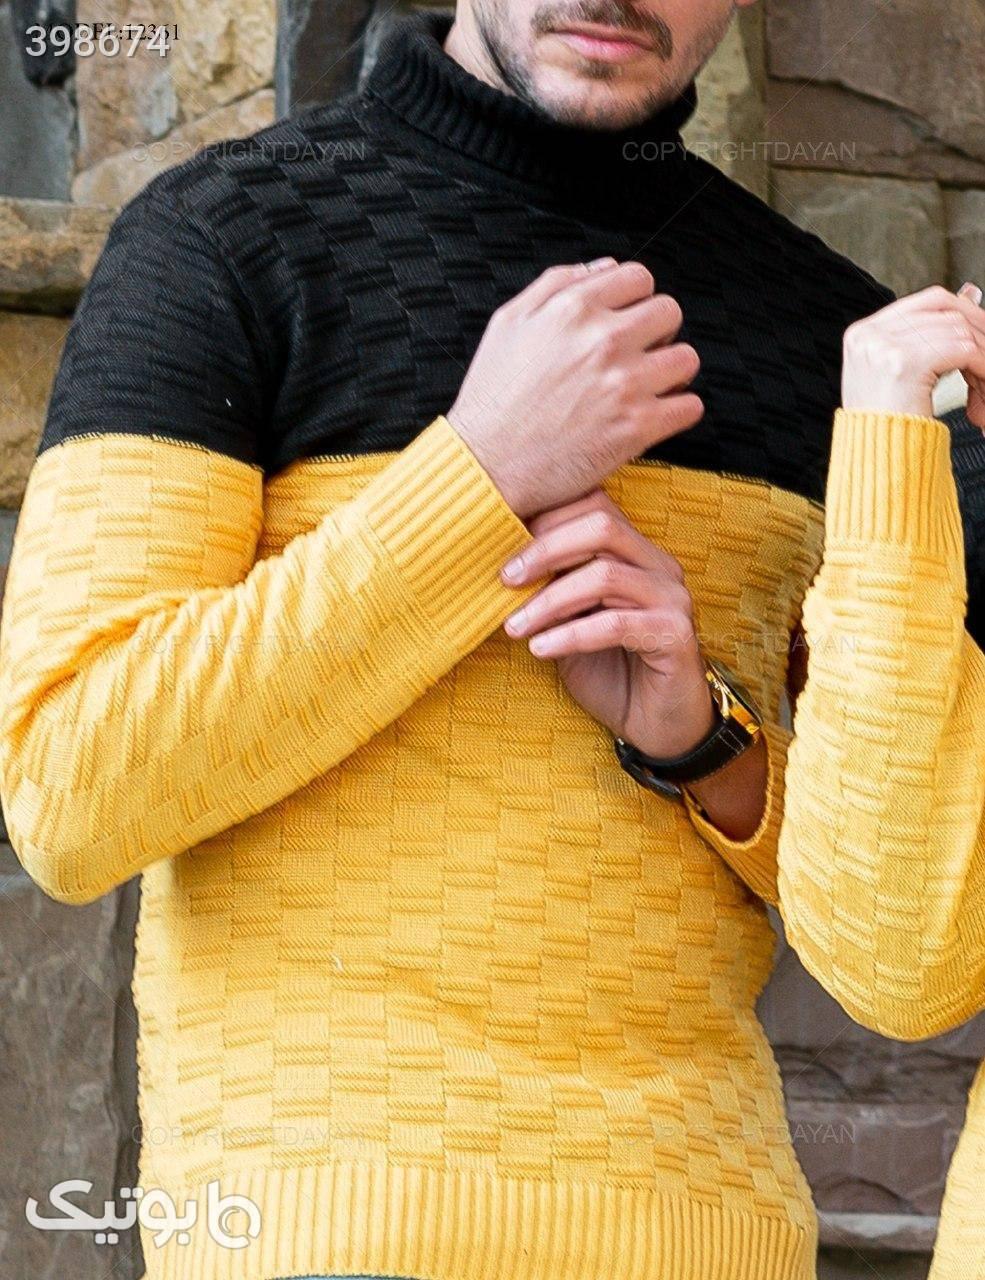 ست مردانه و زنانه Araz مدل 12361  زرد ست زوج و خانواده